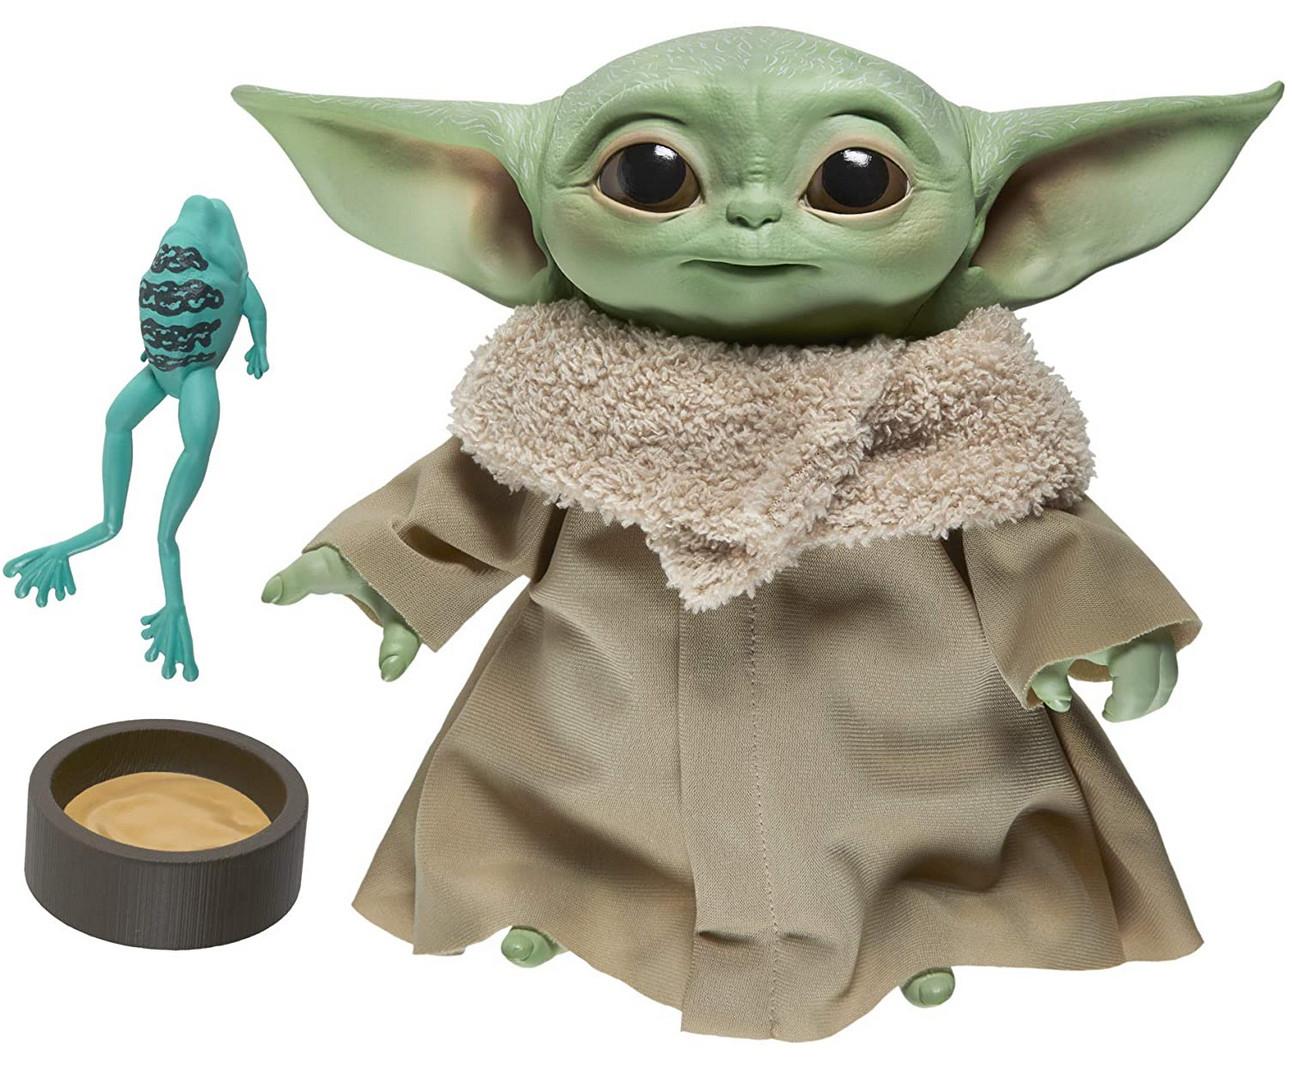 Peluche Baby Yoda blandito y suave con 10 efectos de sonido